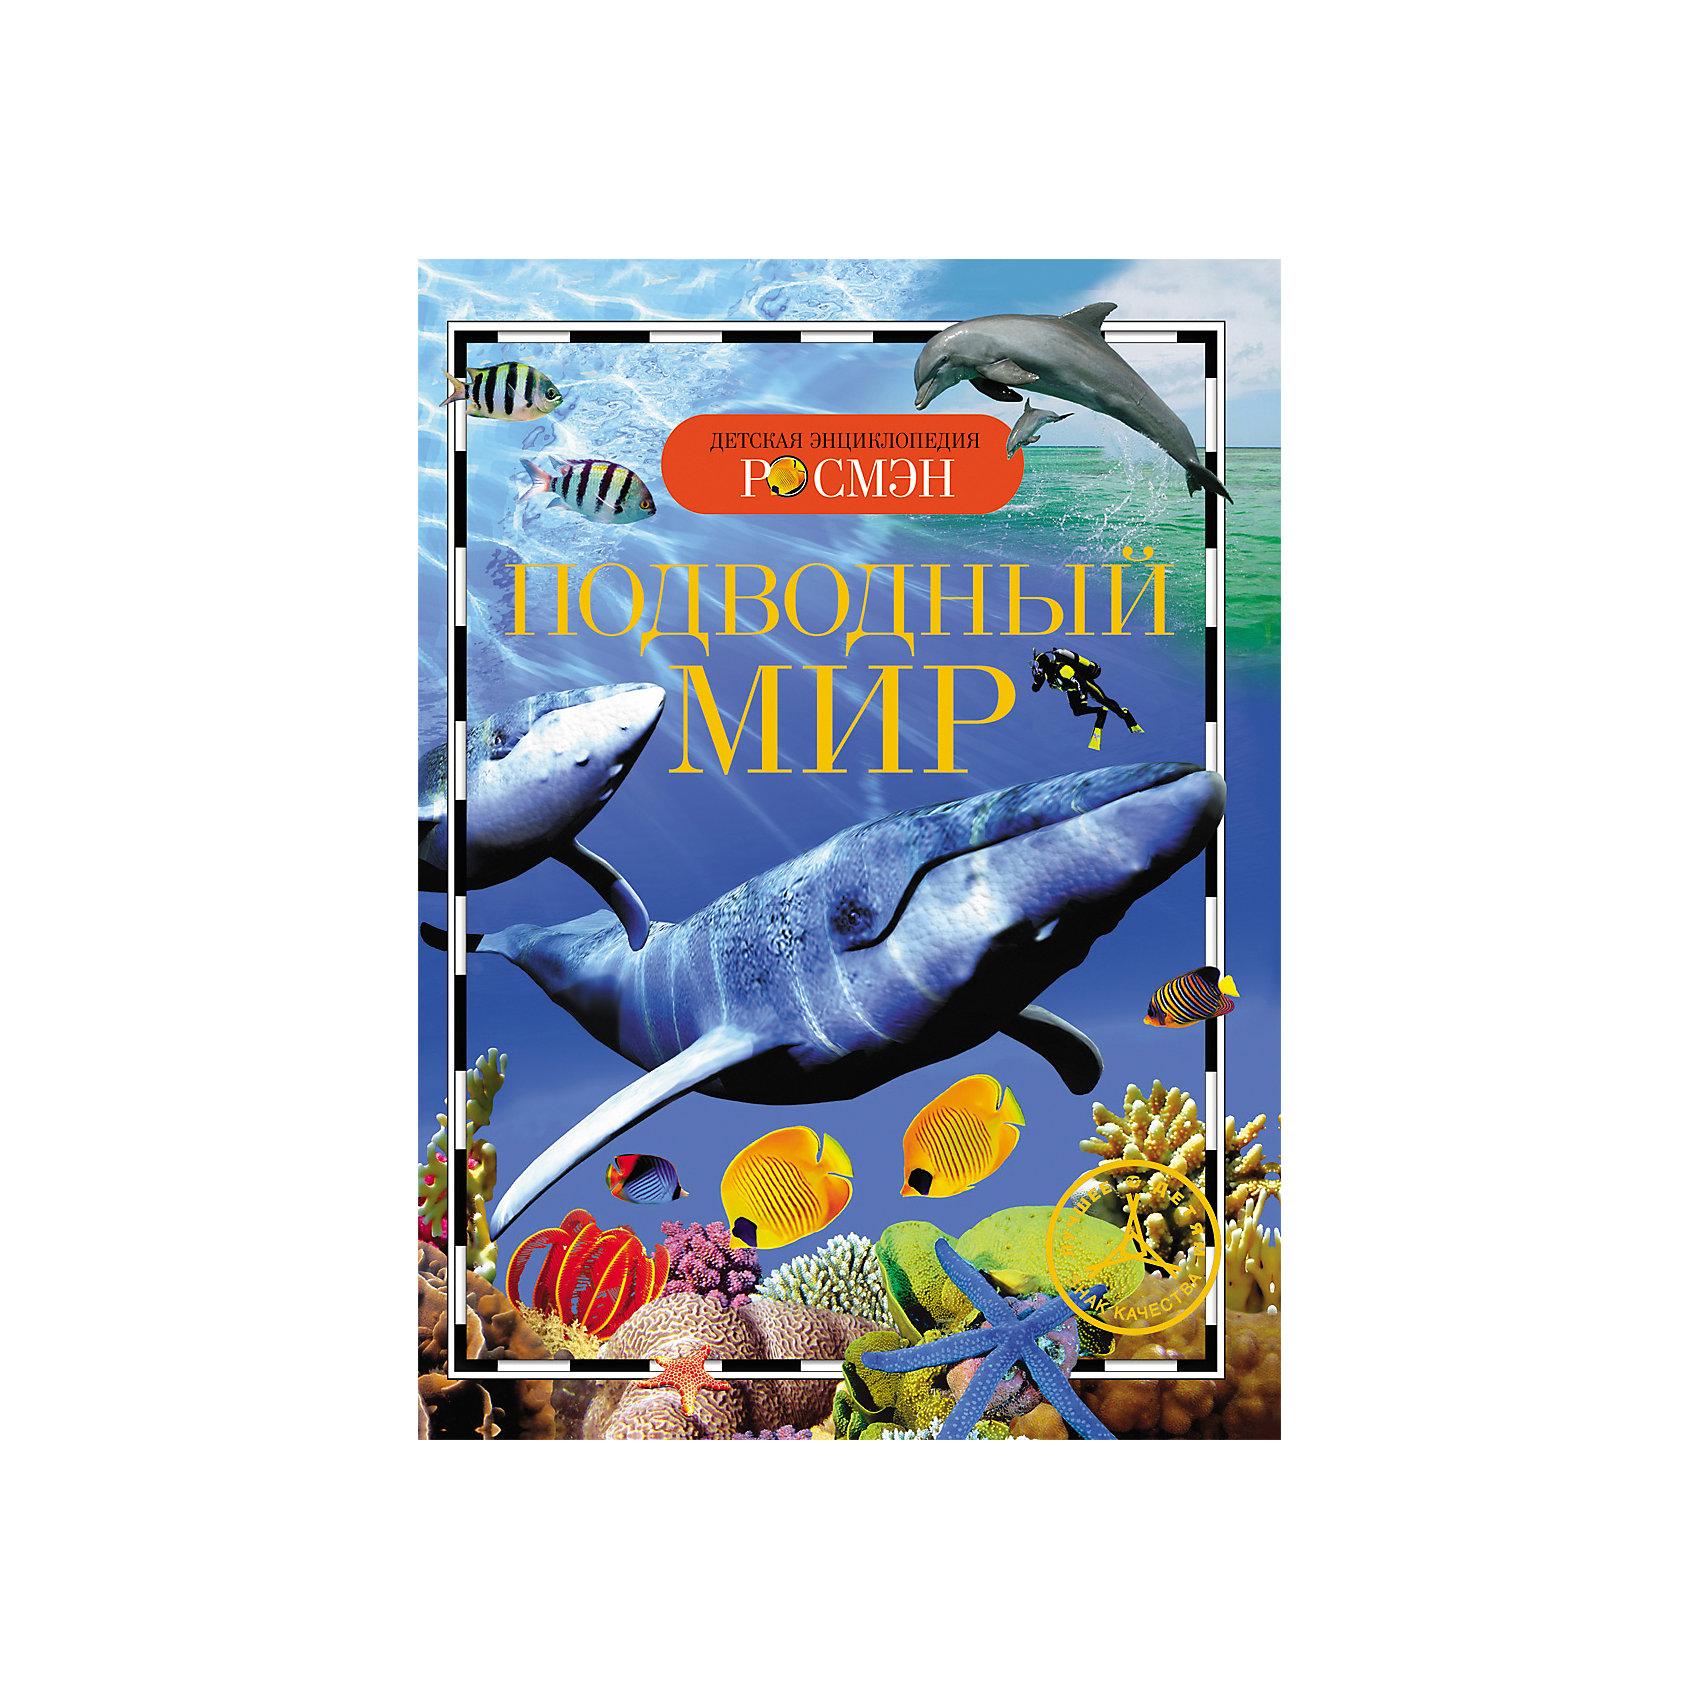 Подводный мирХарактеристики товара:<br><br>- цвет: разноцветный;<br>- материал: бумага;<br>- страниц: 96;<br>- формат: 17 x 21 см;<br>- обложка: твердая;<br>- цветные иллюстрации.<br><br>Эта интересная книга с иллюстрациями станет отличным подарком для ребенка. Она содержит в себе ответы на вопросы, которые интересуют малышей. Всё представлено в очень простой форме! Талантливый иллюстратор дополнил книгу качественными рисунками, которые помогают ребенку понять суть многих вещей в нашем мире. Удивительные и интересные факты помогут привить любовь к учебе!<br>Чтение - отличный способ активизации мышления, оно помогает ребенку развивать зрительную память, концентрацию внимания и воображение. Издание произведено из качественных материалов, которые безопасны даже для самых маленьких.<br><br>Книгу Подводный мир от компании Росмэн можно купить в нашем интернет-магазине.<br><br>Ширина мм: 220<br>Глубина мм: 165<br>Высота мм: 7<br>Вес г: 230<br>Возраст от месяцев: 84<br>Возраст до месяцев: 108<br>Пол: Унисекс<br>Возраст: Детский<br>SKU: 5109990